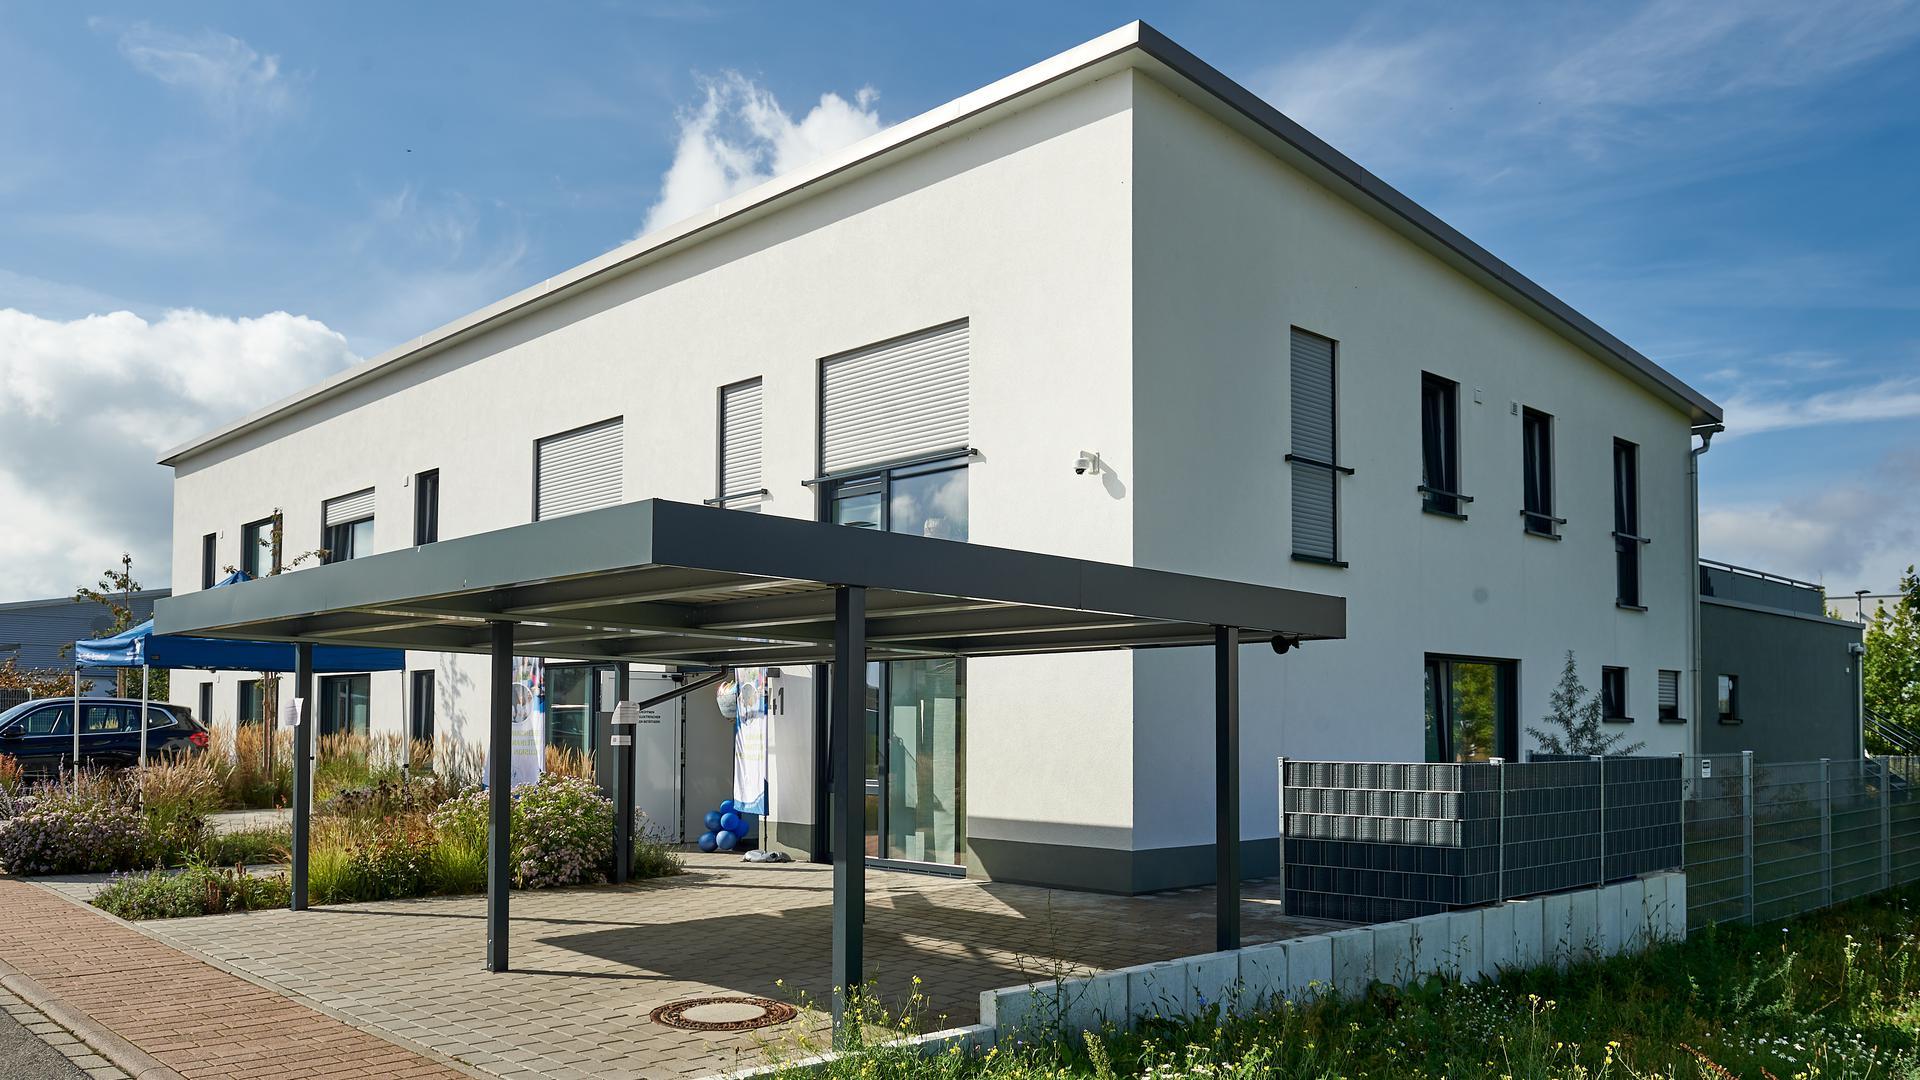 Haus für Inklusions-WG mit Petö-Förderansatz FortSchritt